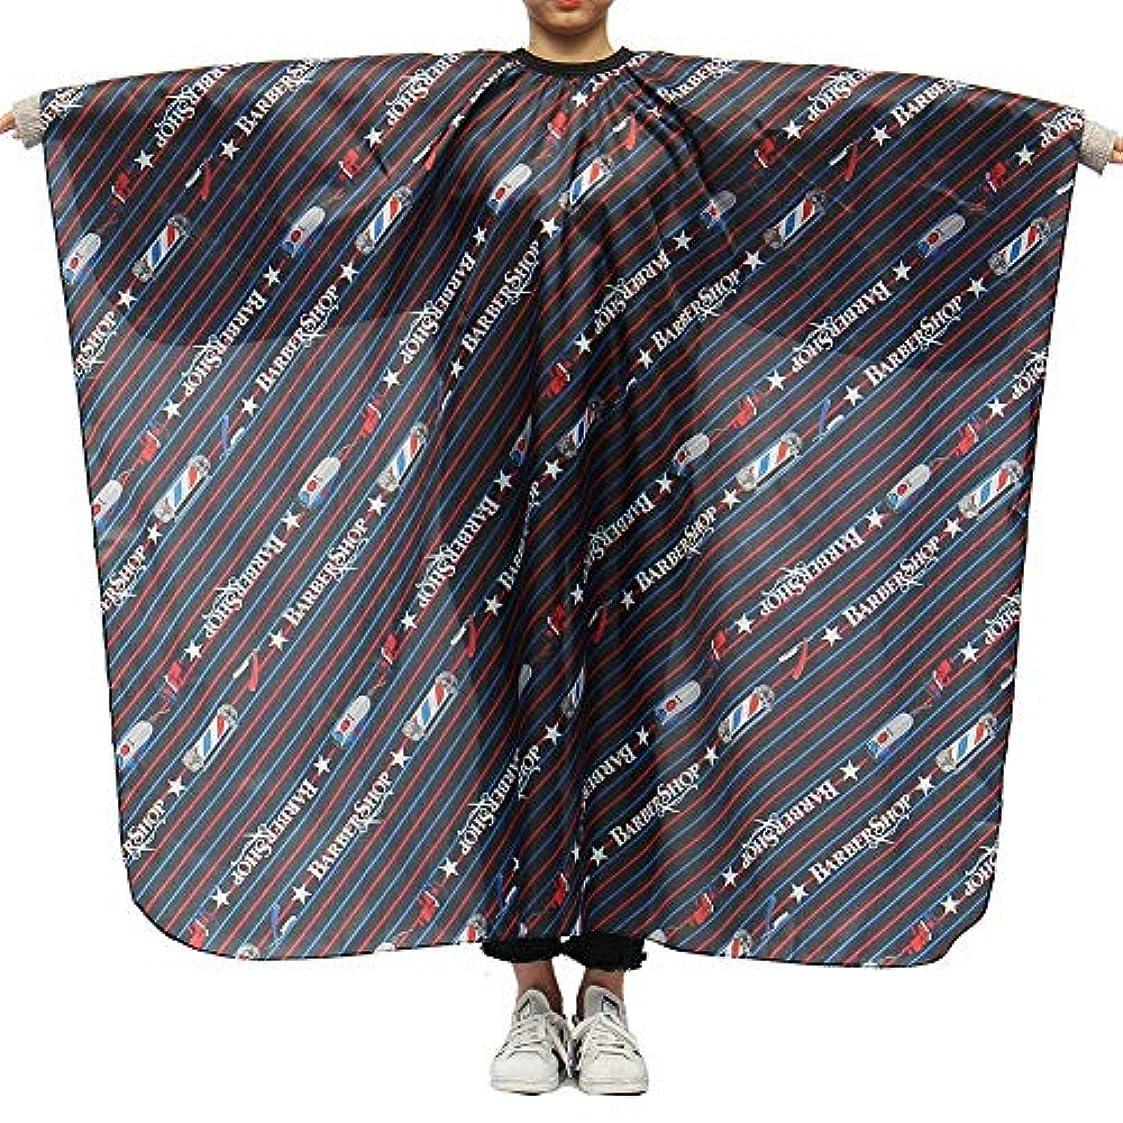 メロディーフェード葉巻Ling(リンー)-ビューティー 理髪ケープ 理髪布 店用 家庭用 通気性 滑らか ポリエステル製